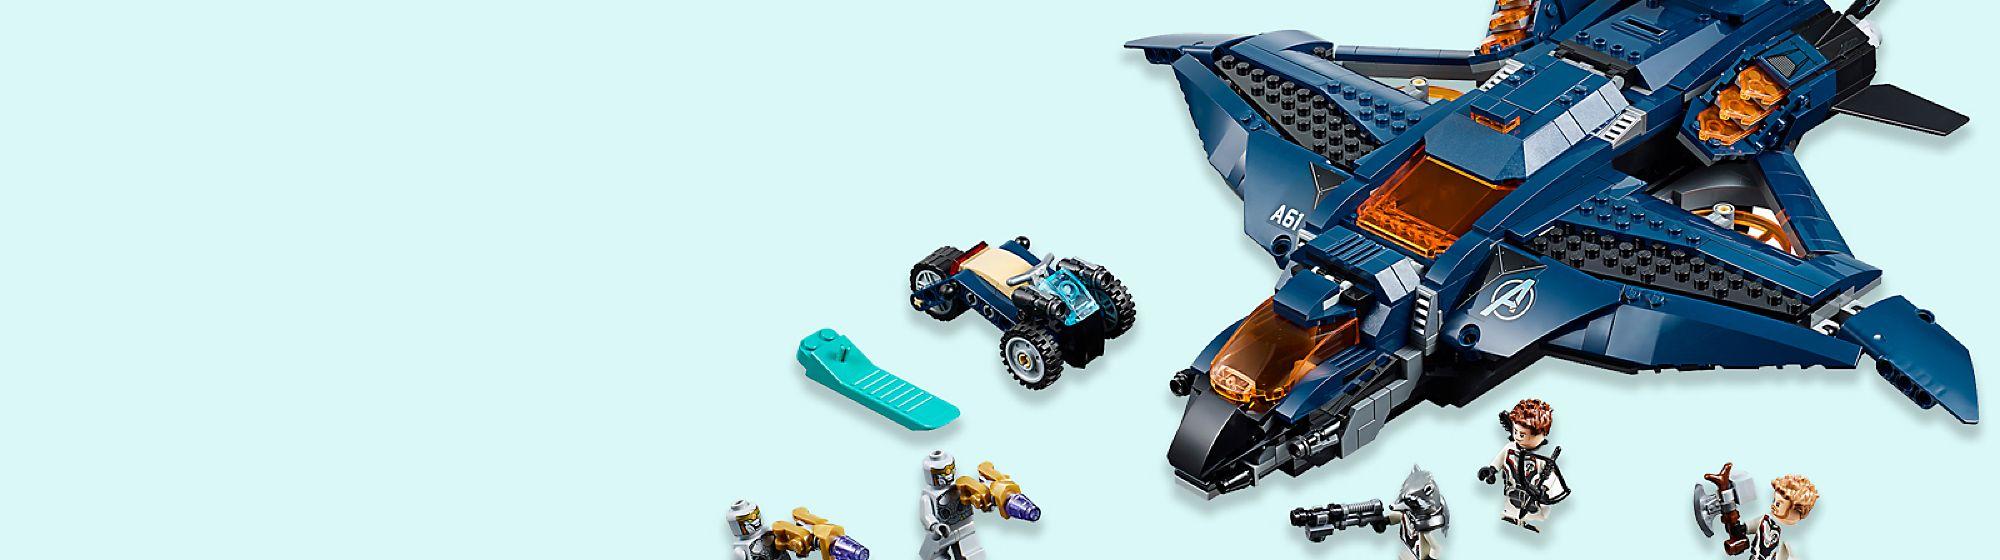 Jeux de Construction Découvrez tous les jeux de construction Disney, dont des Lego Star Wars ou Black Panther, et vivez ainsi de grandes d'aventures !